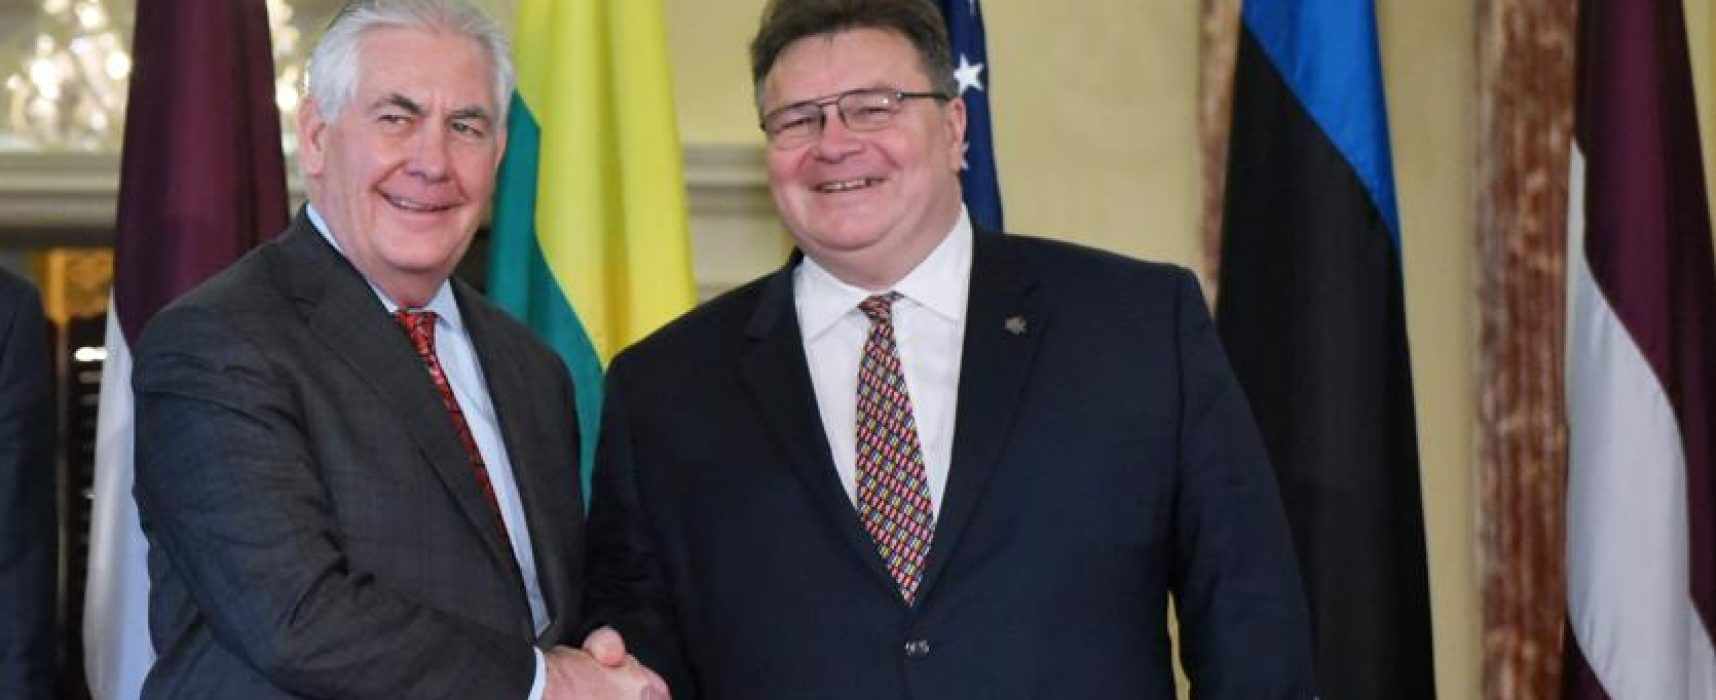 Il ministro degli Esteri lituano:«La propaganda russa? Come l'artiglieria»